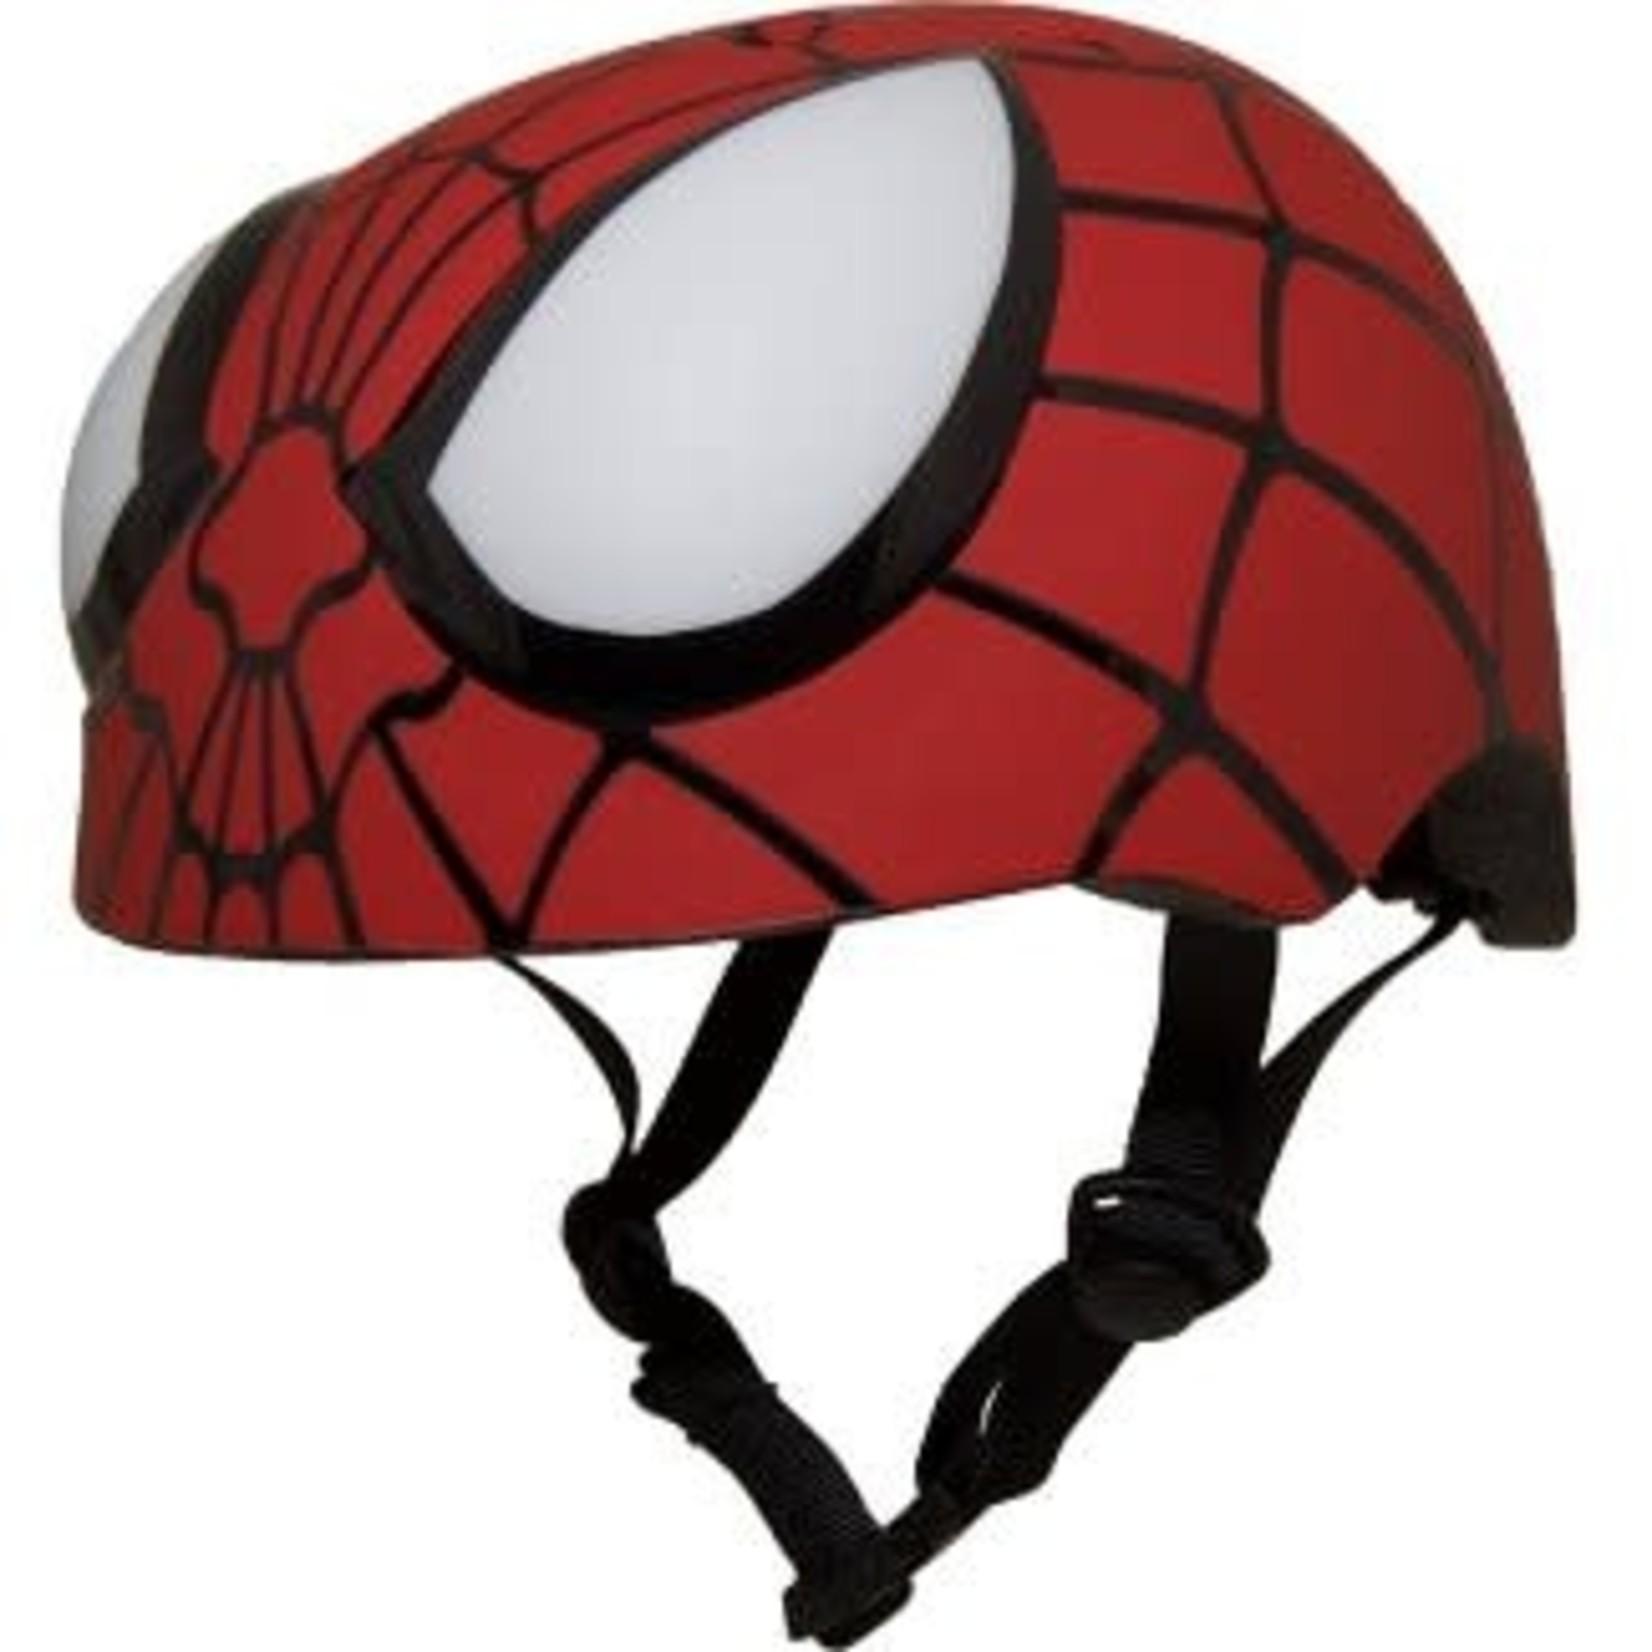 Raskullz Spider-Man Child Bike Helmet (Age 5-8)